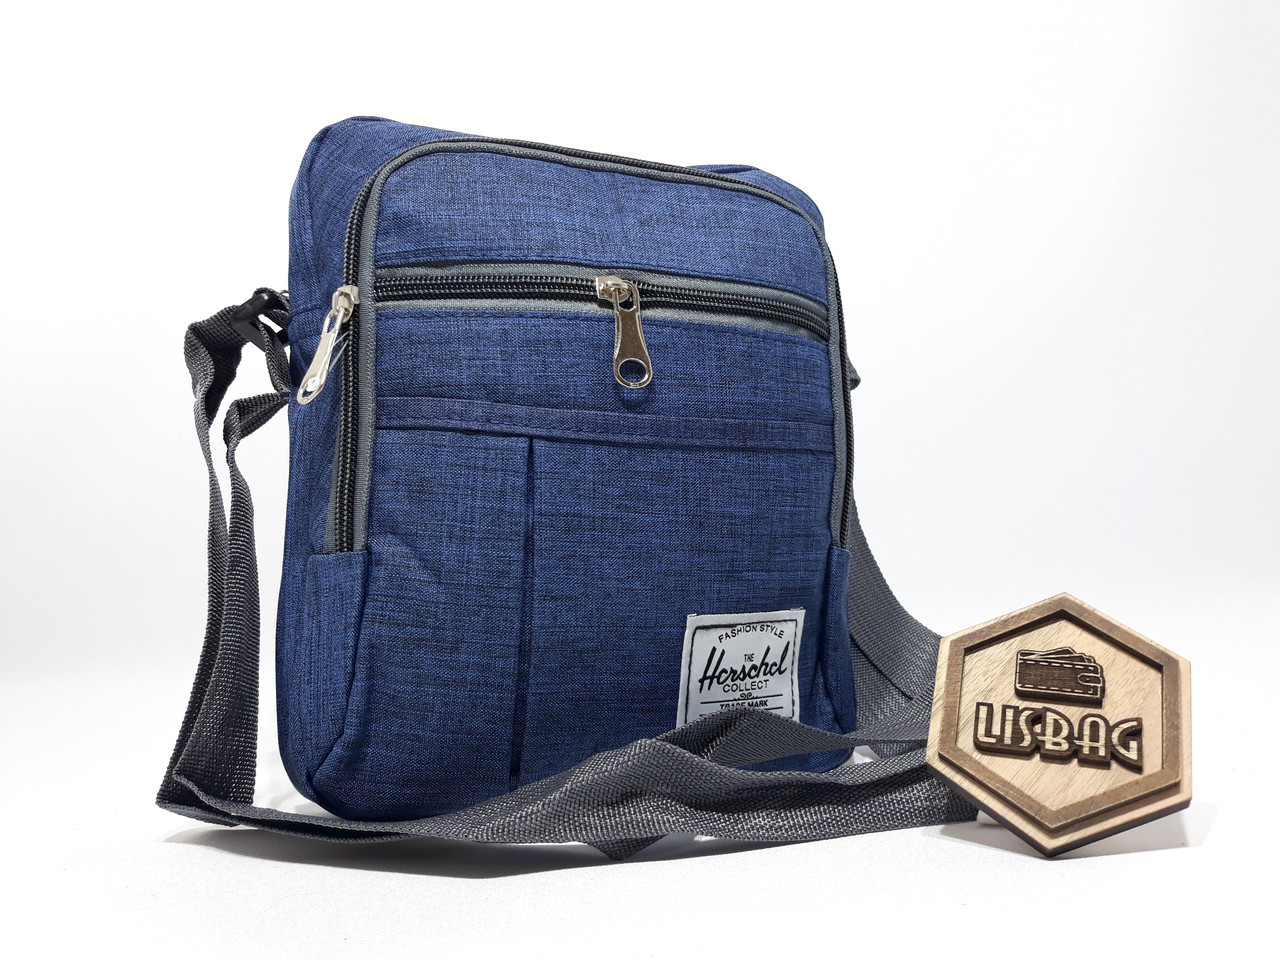 450fc9ce1729 ... Чоловіча Синя сумка планшетка / барсетка середнього розміру спортивного  стилю, ...